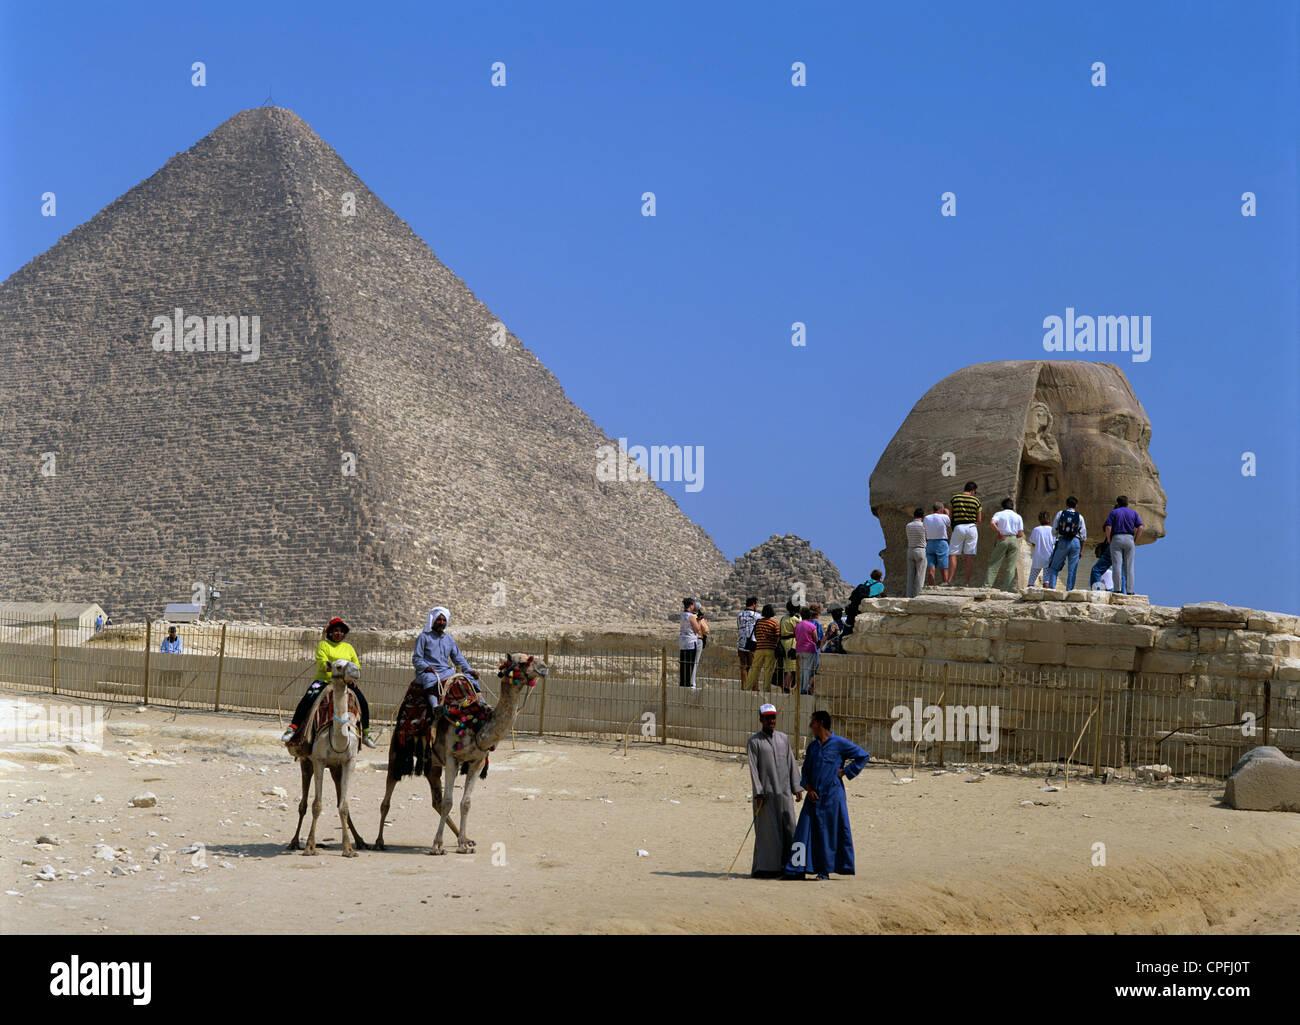 Ägypten. Kairo. Gizeh. Touristen und Kamele. Pyramide und Sphinx. Stockfoto